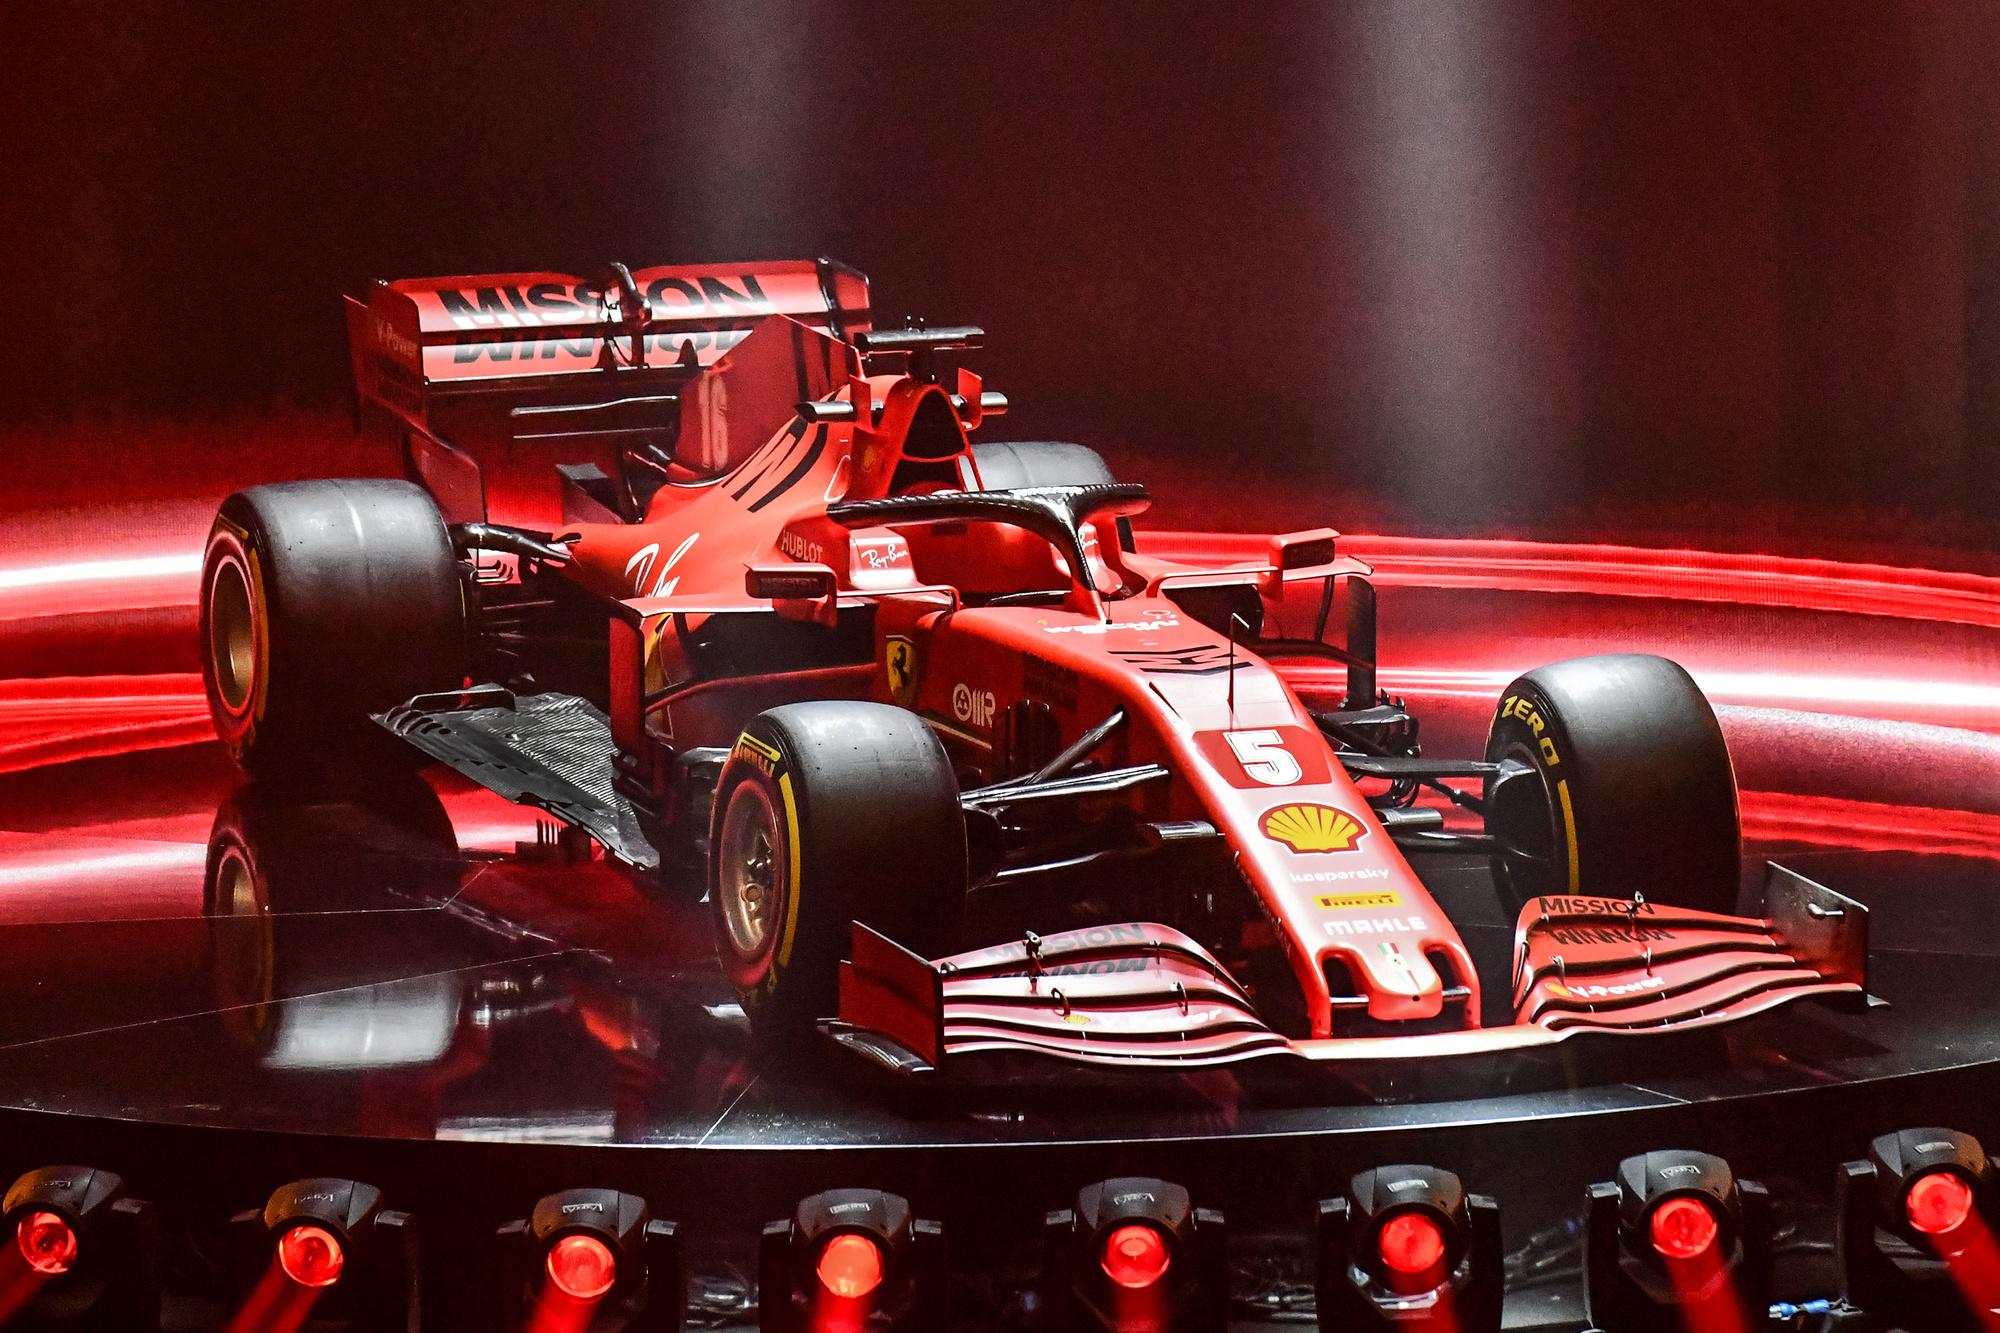 In deze Ferrari SF1000 moet Vettel een gooi doen naar de wereldtitel., Belga Image